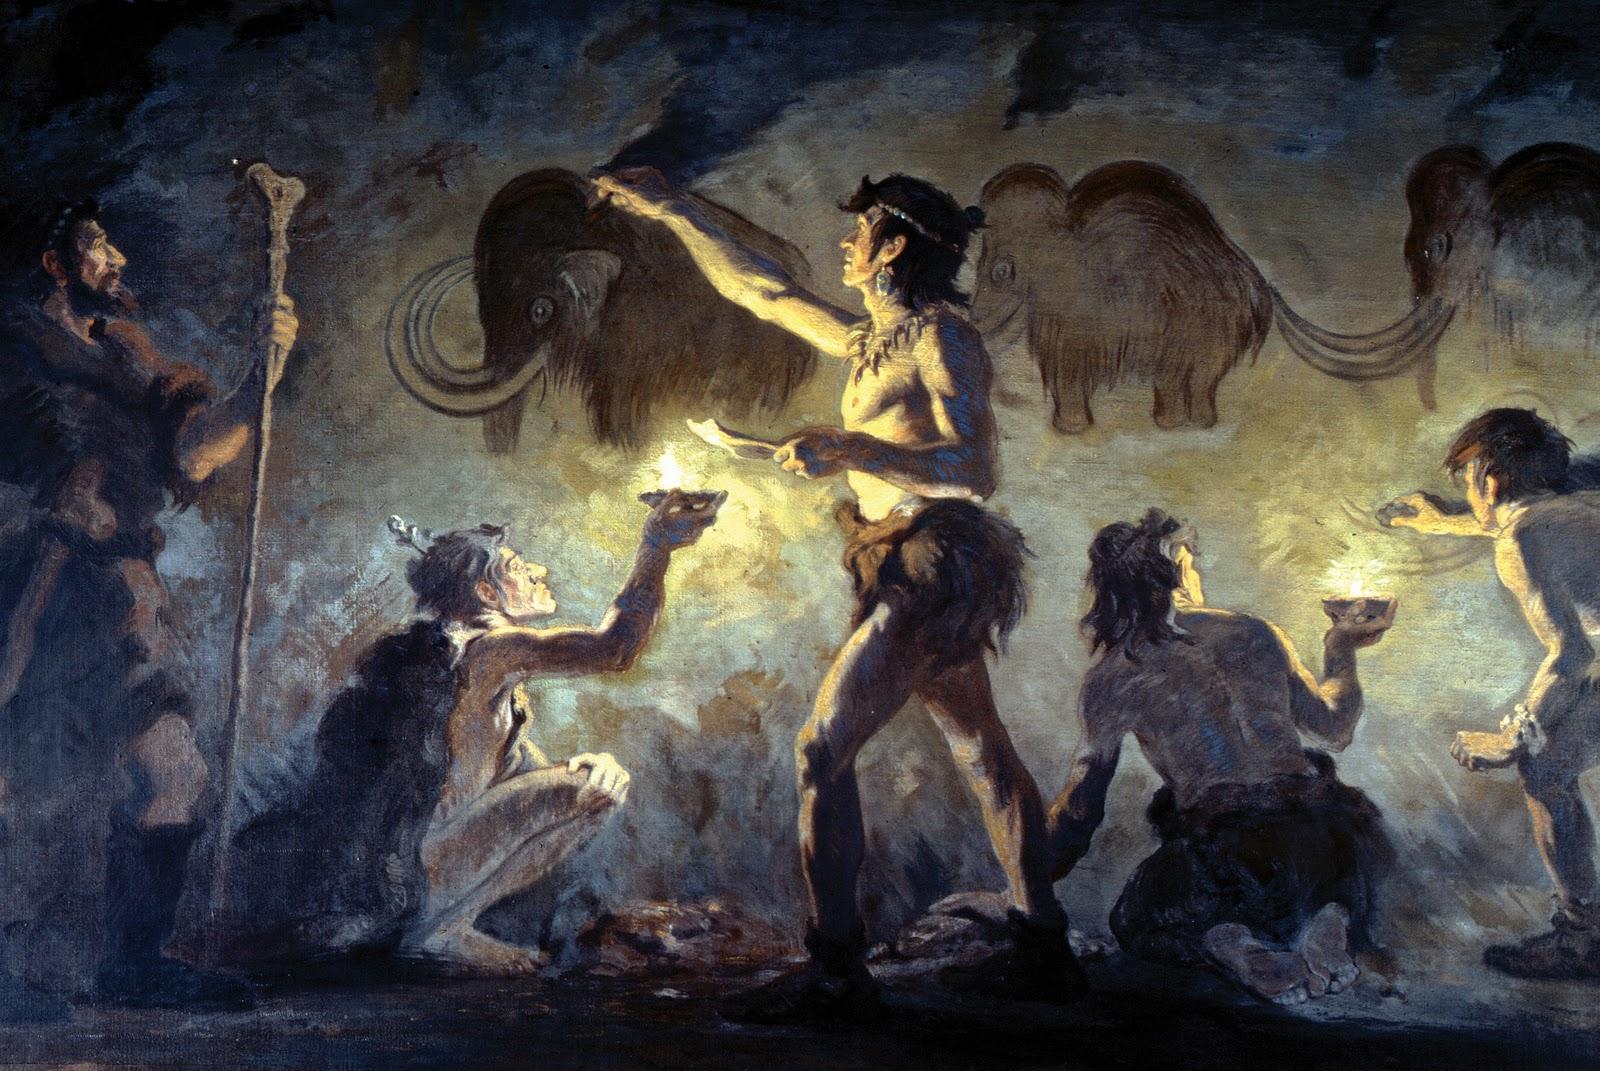 Баски – последние потомки доисторических людей, оставшиеся на территории Испании